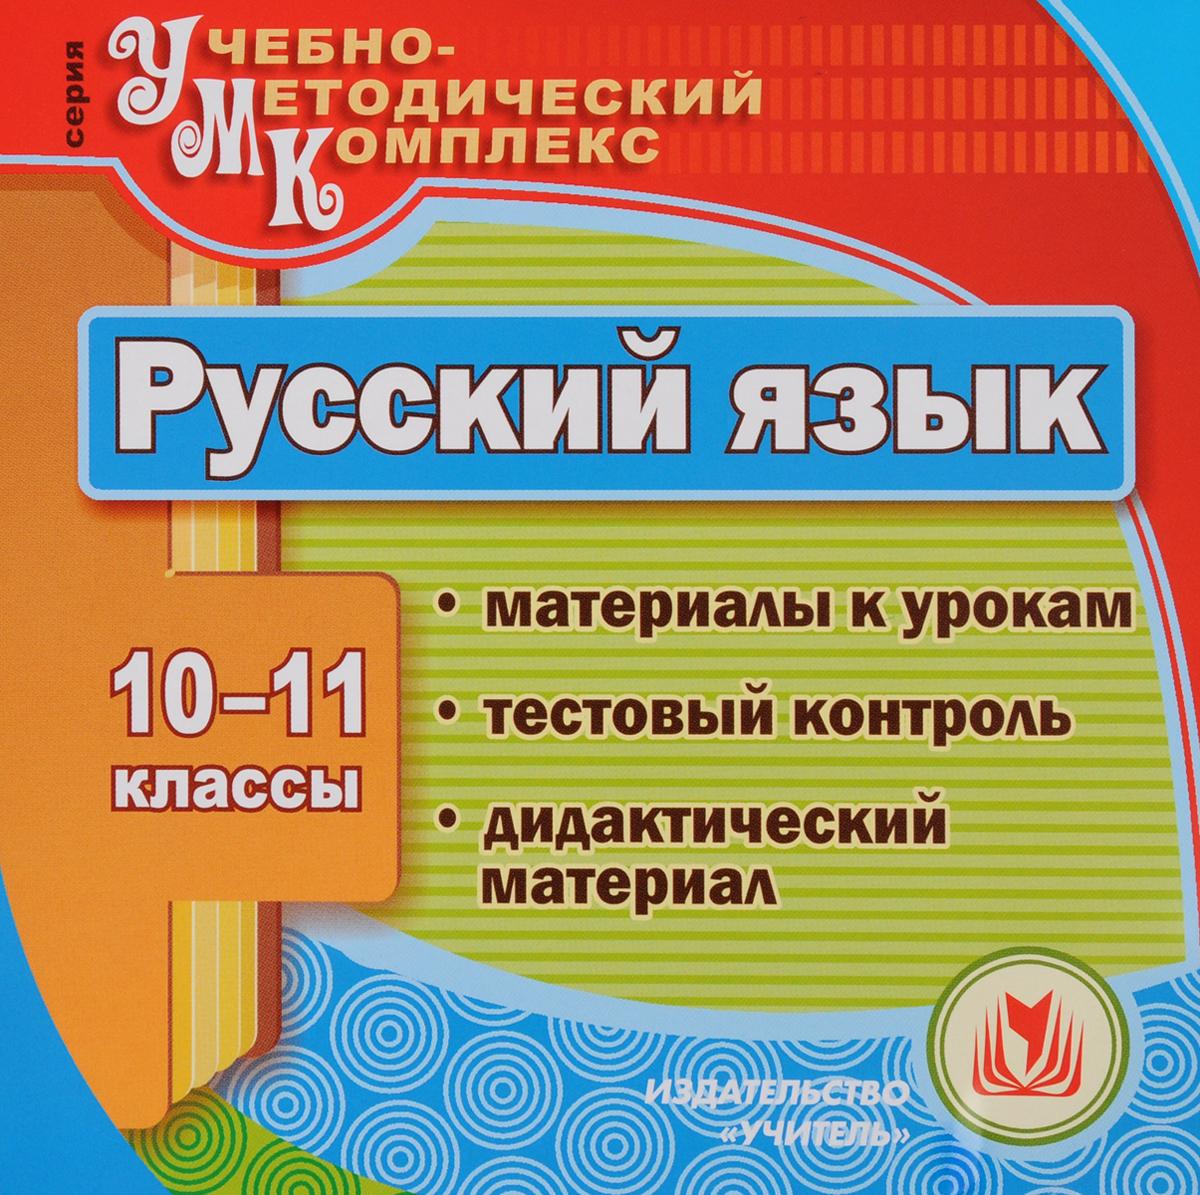 Русский язык. 10-11 классы. Материалы к урокам. Тестовый контроль. Дидактический материал